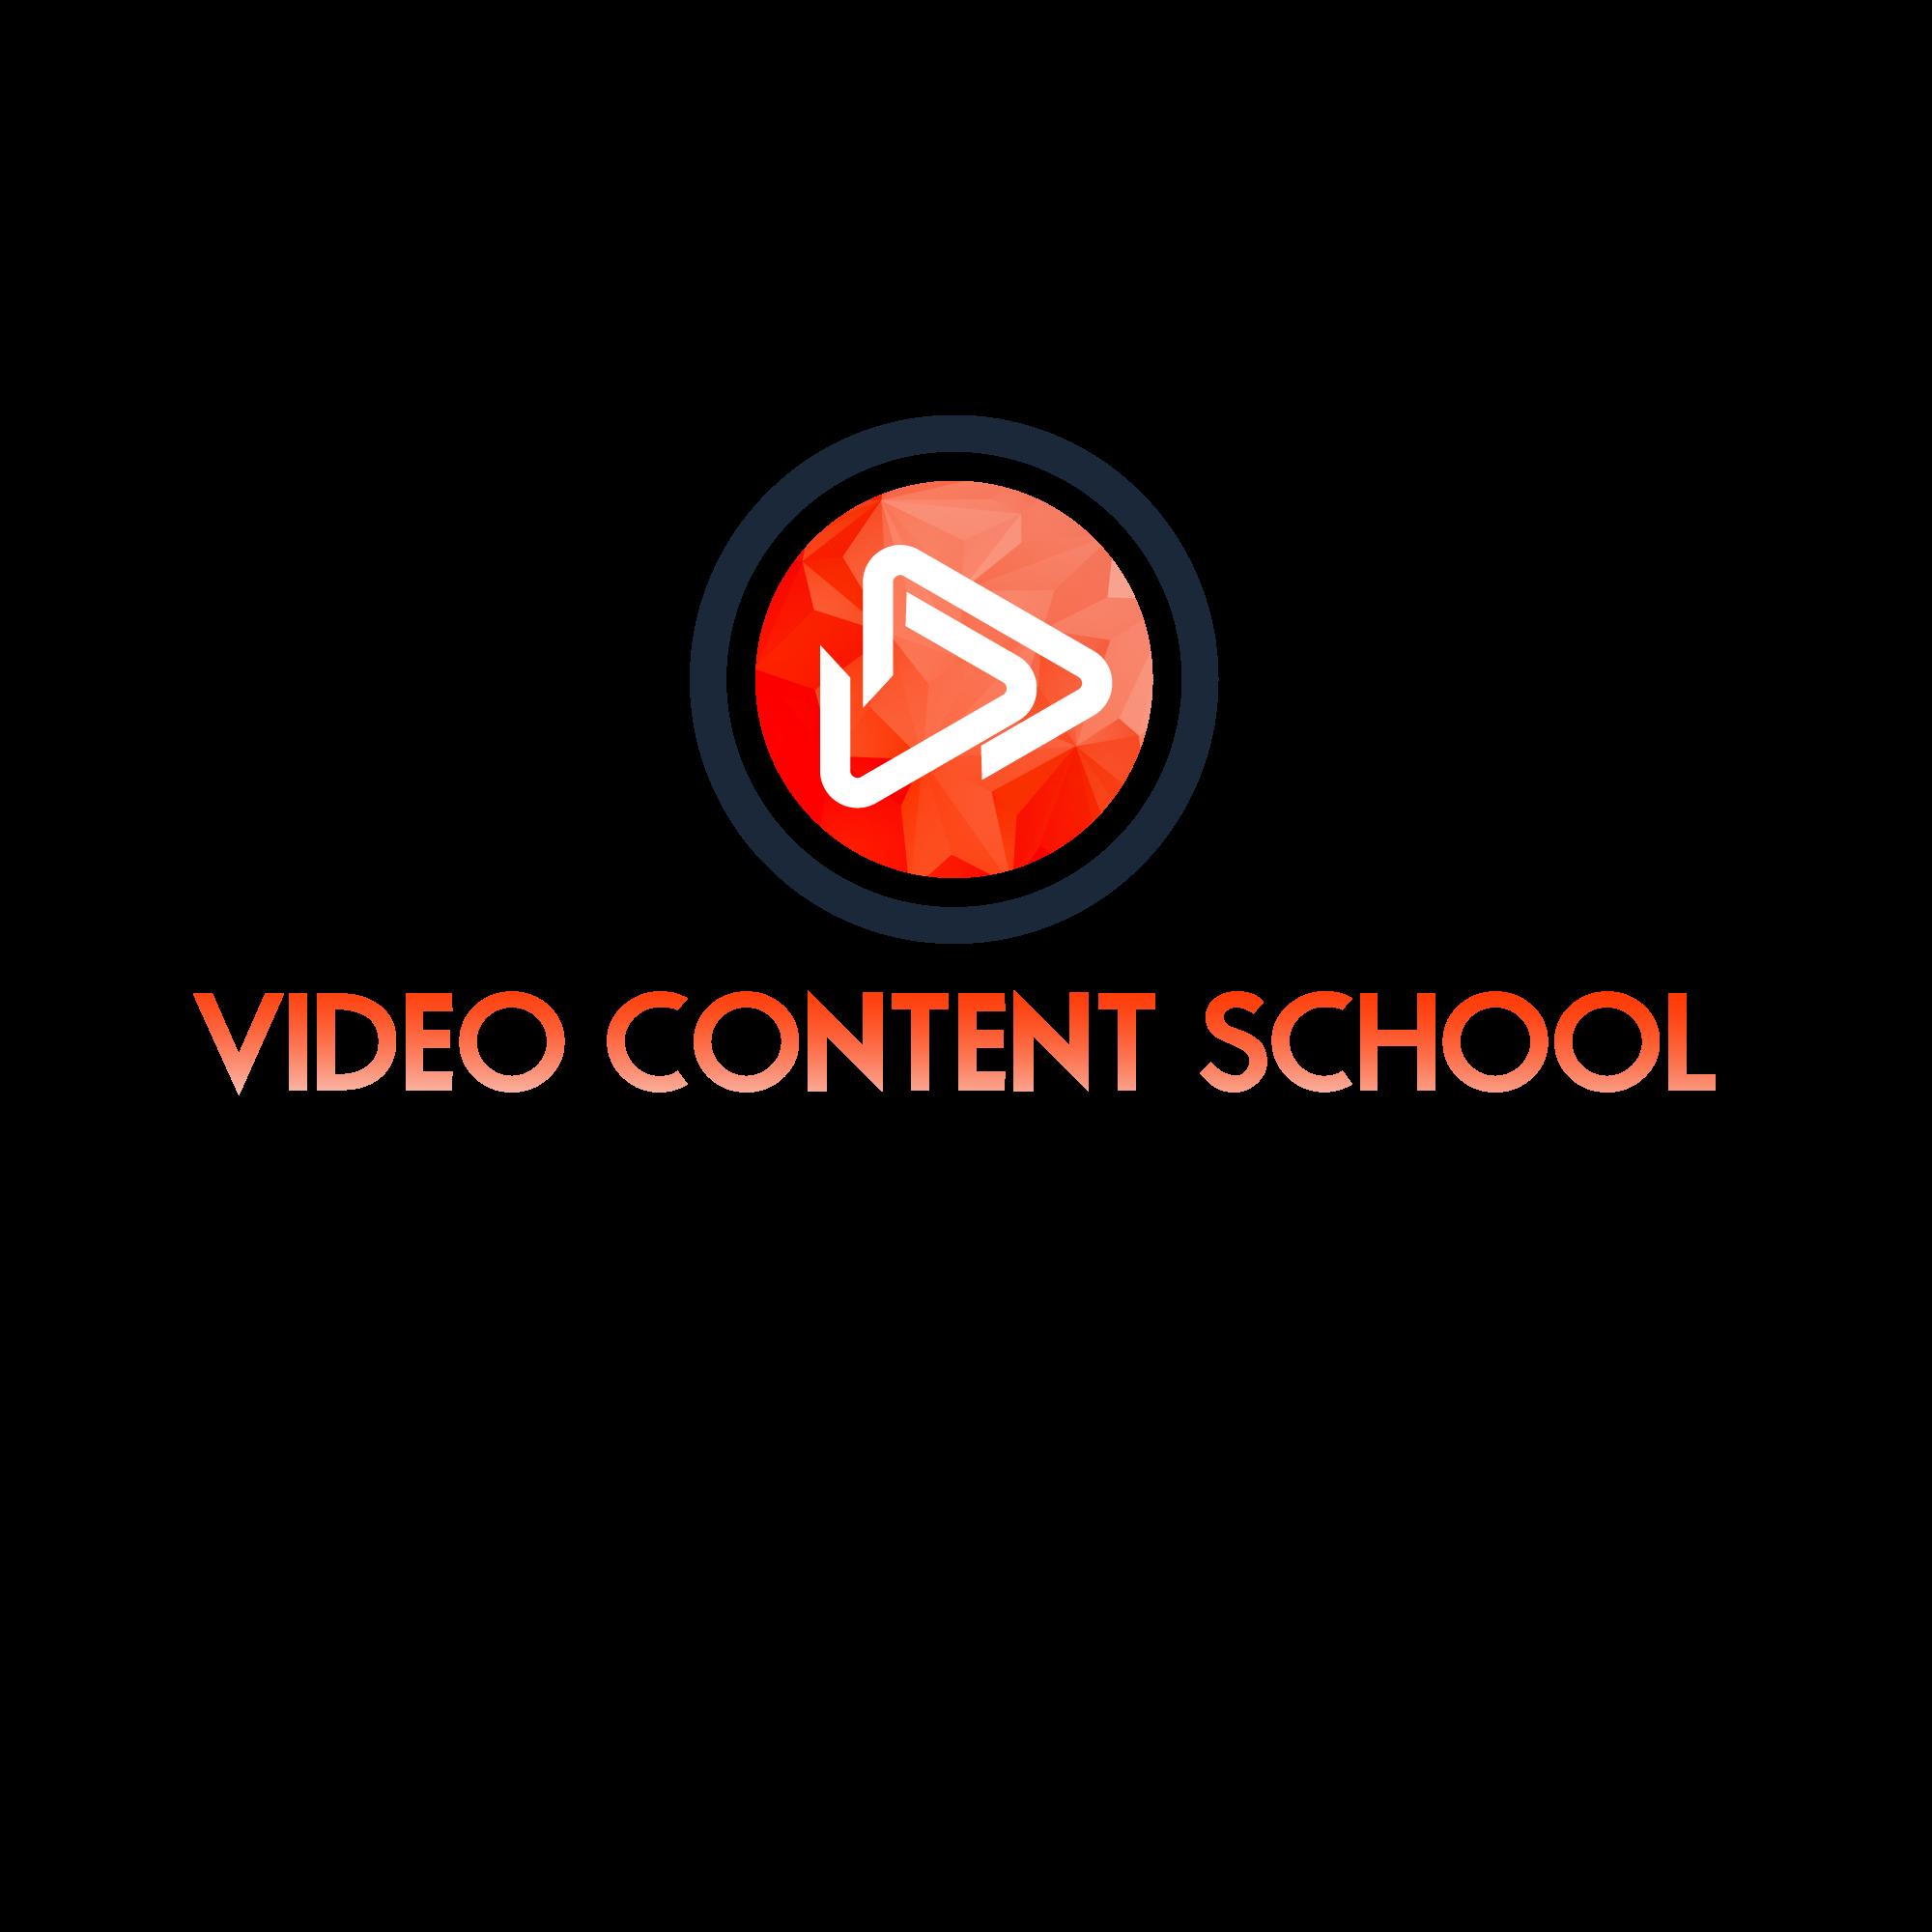 Video Content School